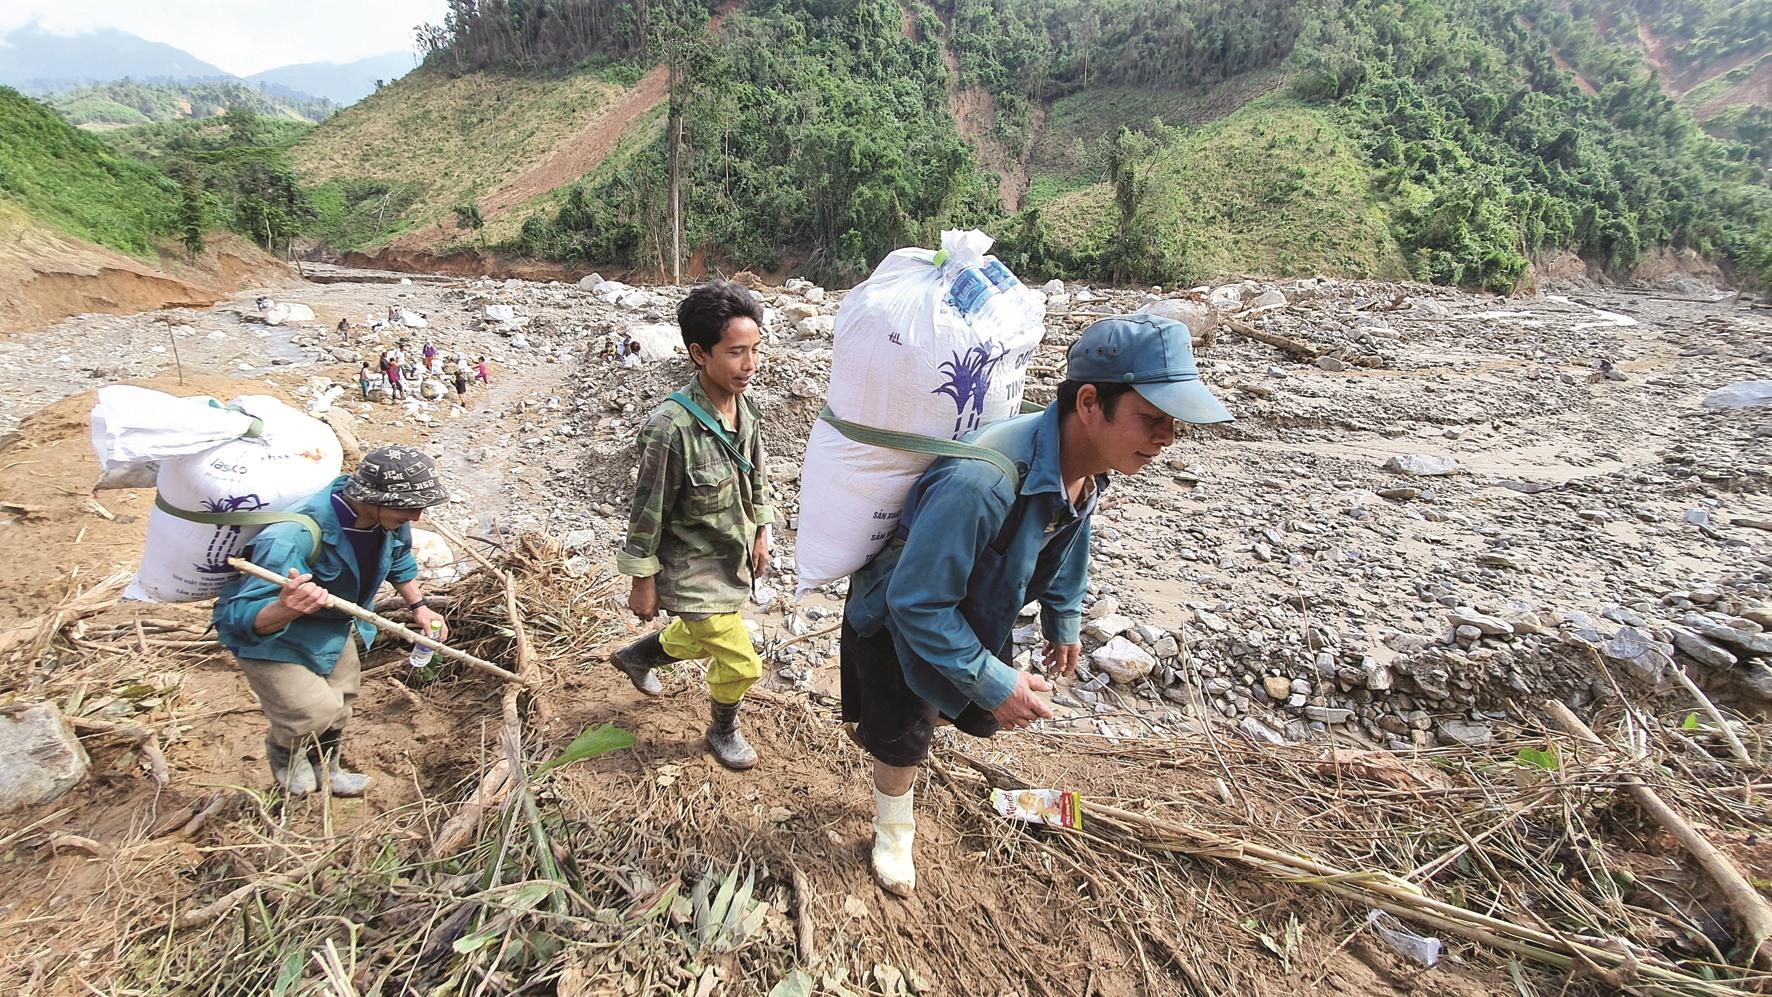 Hàng chục dân quân xã Phước Thành được huy động để gùi cõng lương thực, thực phẩm cho bà con vùng cô lập.